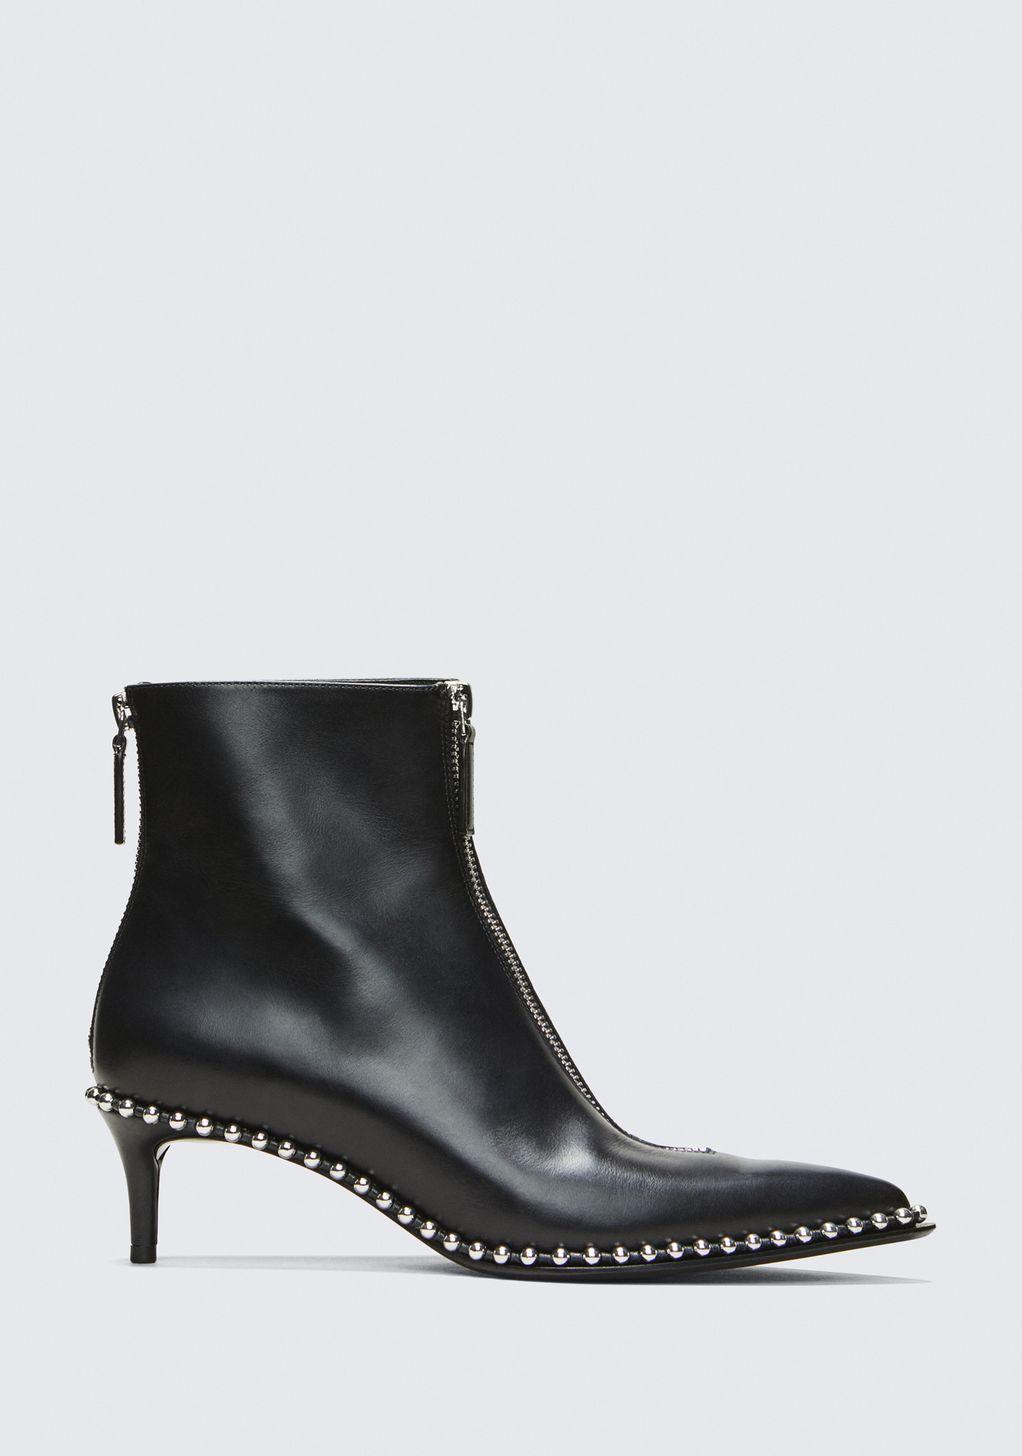 Alexander Wang Eri Kitten Heel Bootie Boots